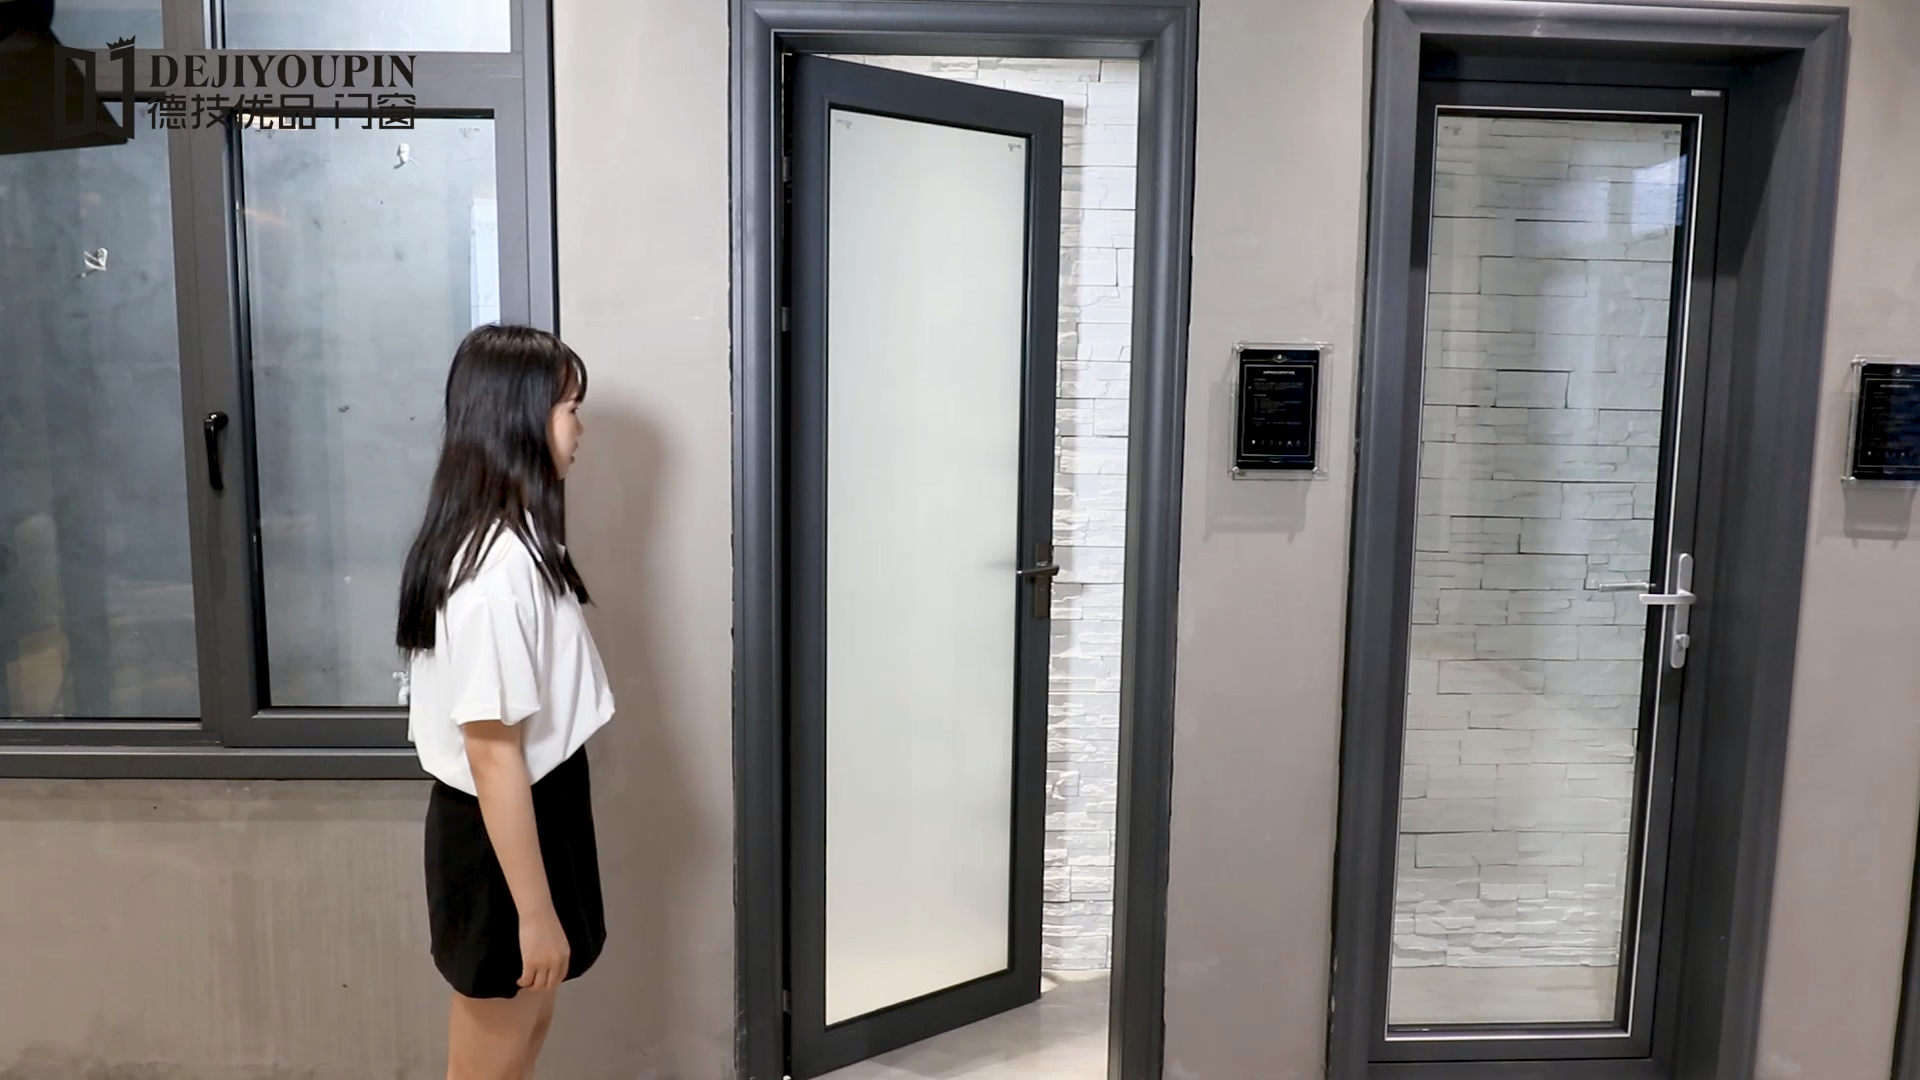 โมเดิร์นภายในฝ้าคู่กระจกห้องน้ำอลูมิเนียมประตูบานเปิด